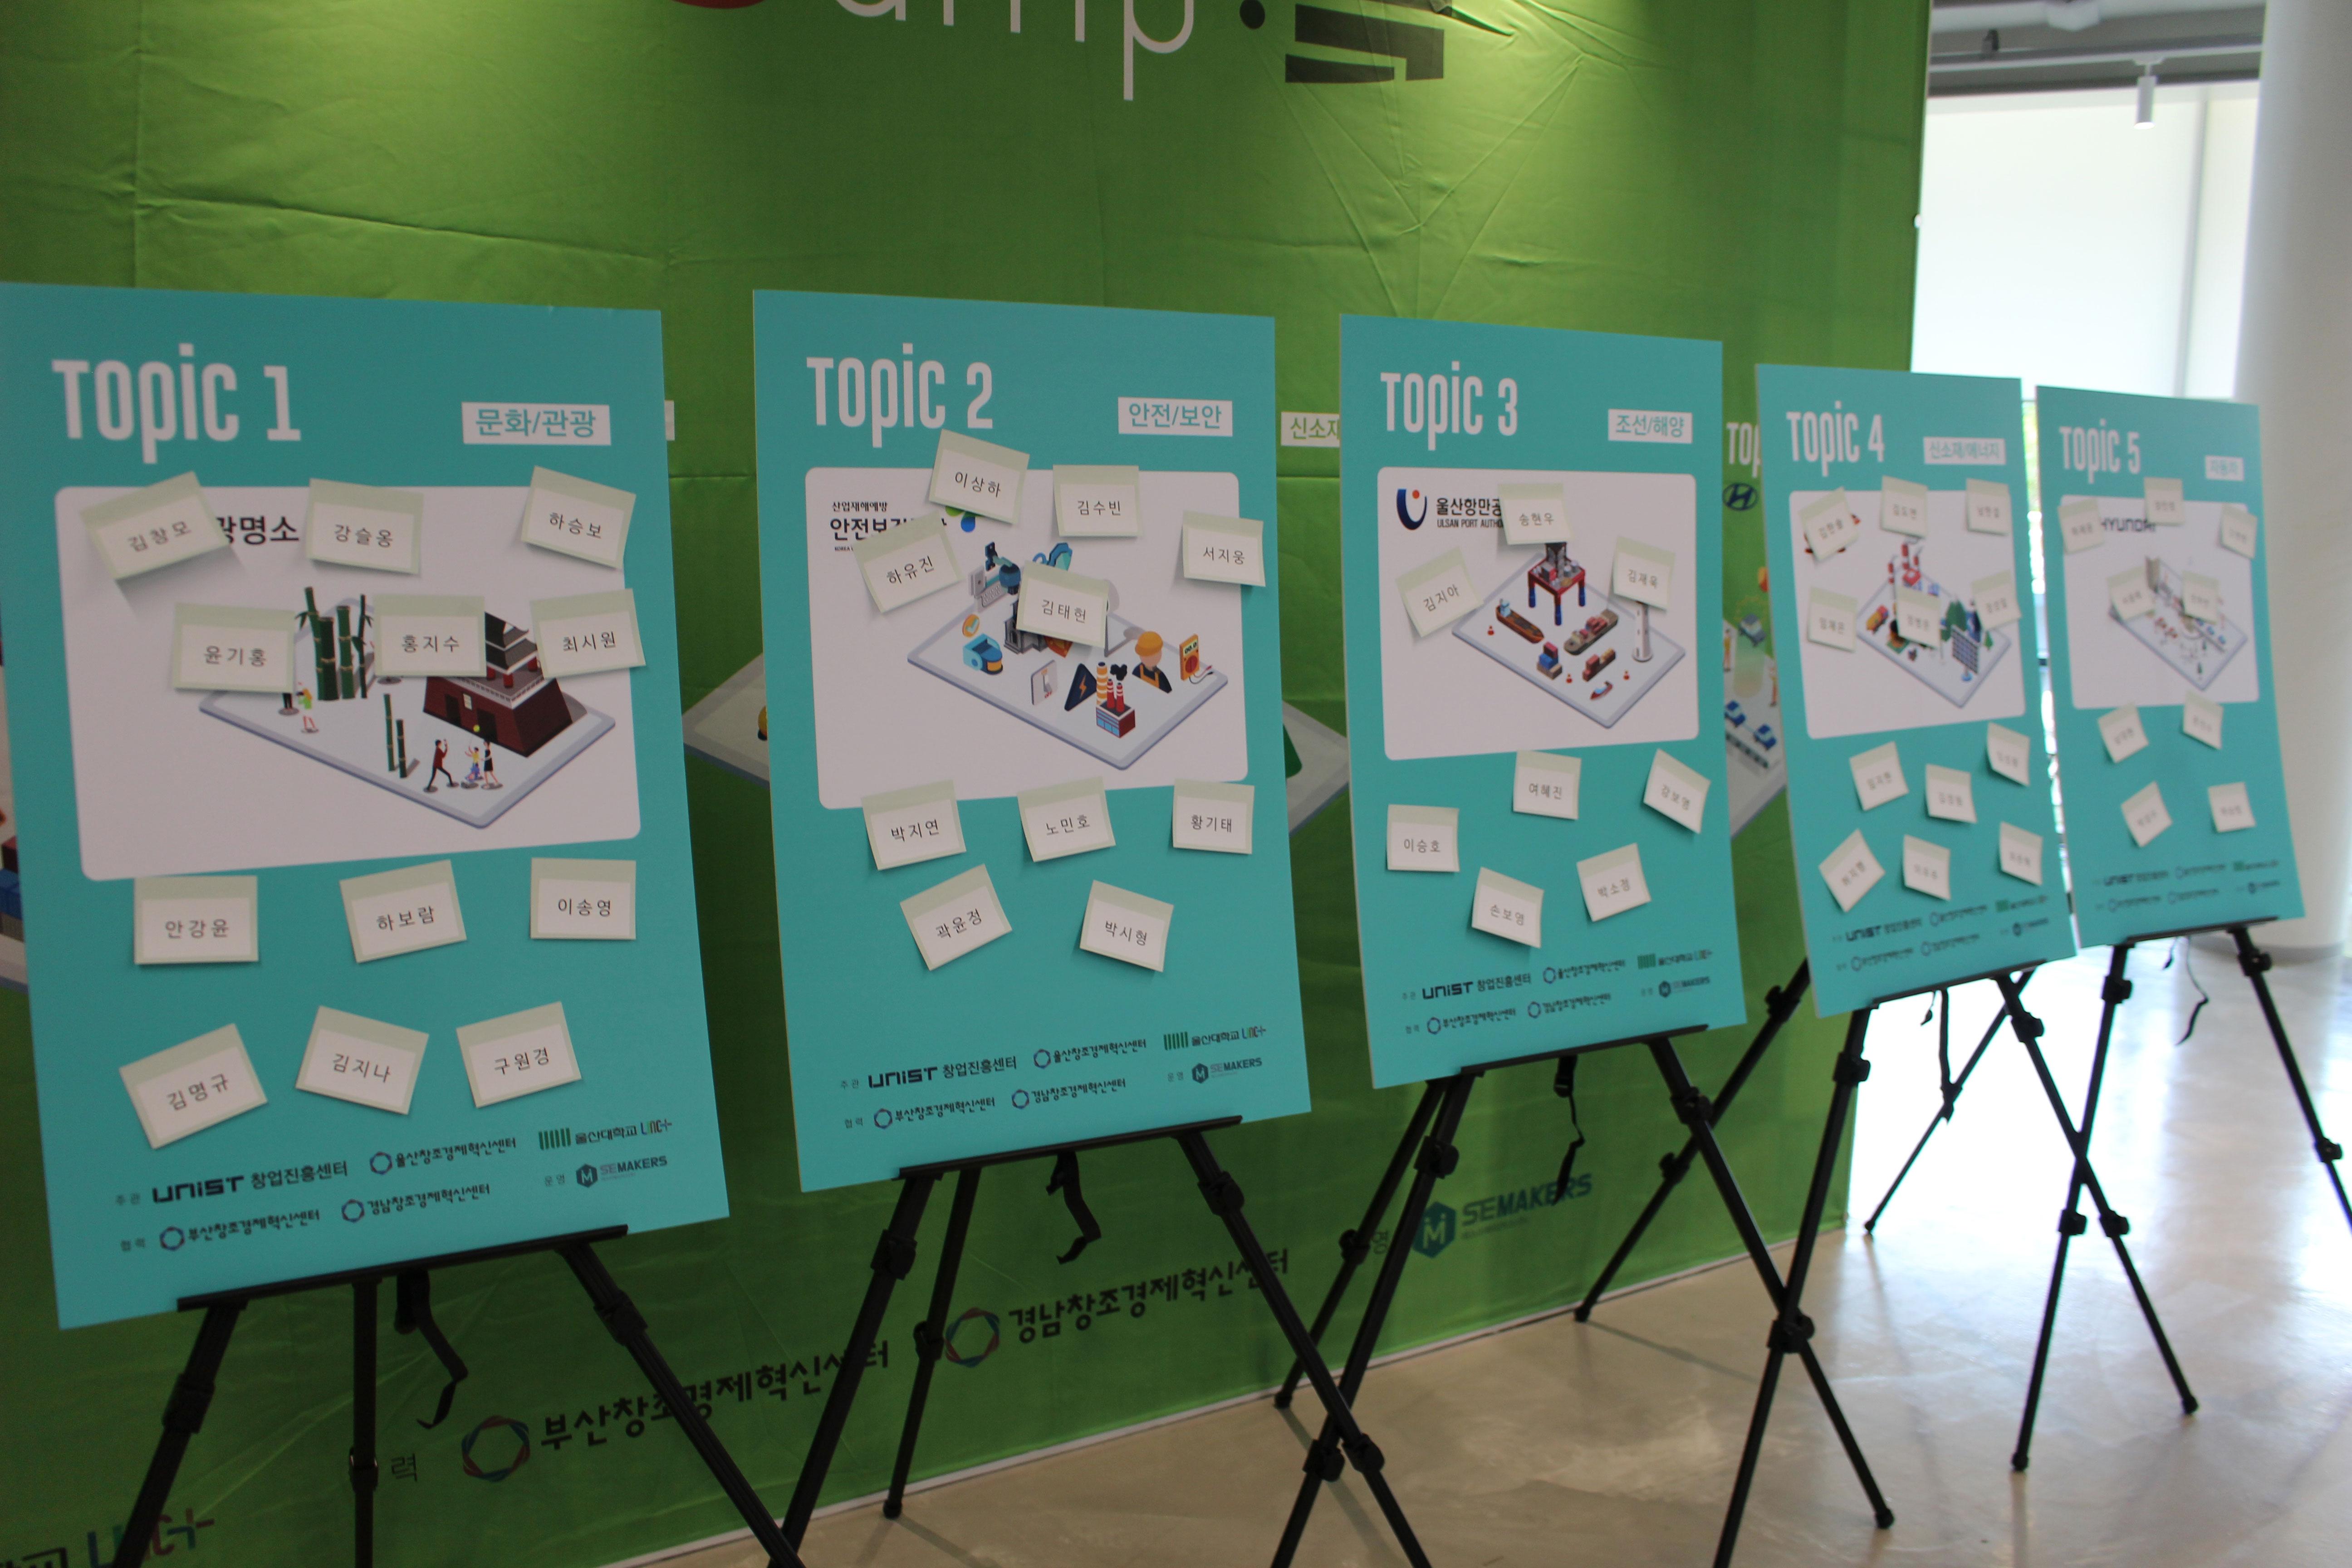 학생들은 5개 주제 중 원하는 것을 선택해 체험하고 창업 모의에 나선다. | 사진: 창업진흥센터 제공